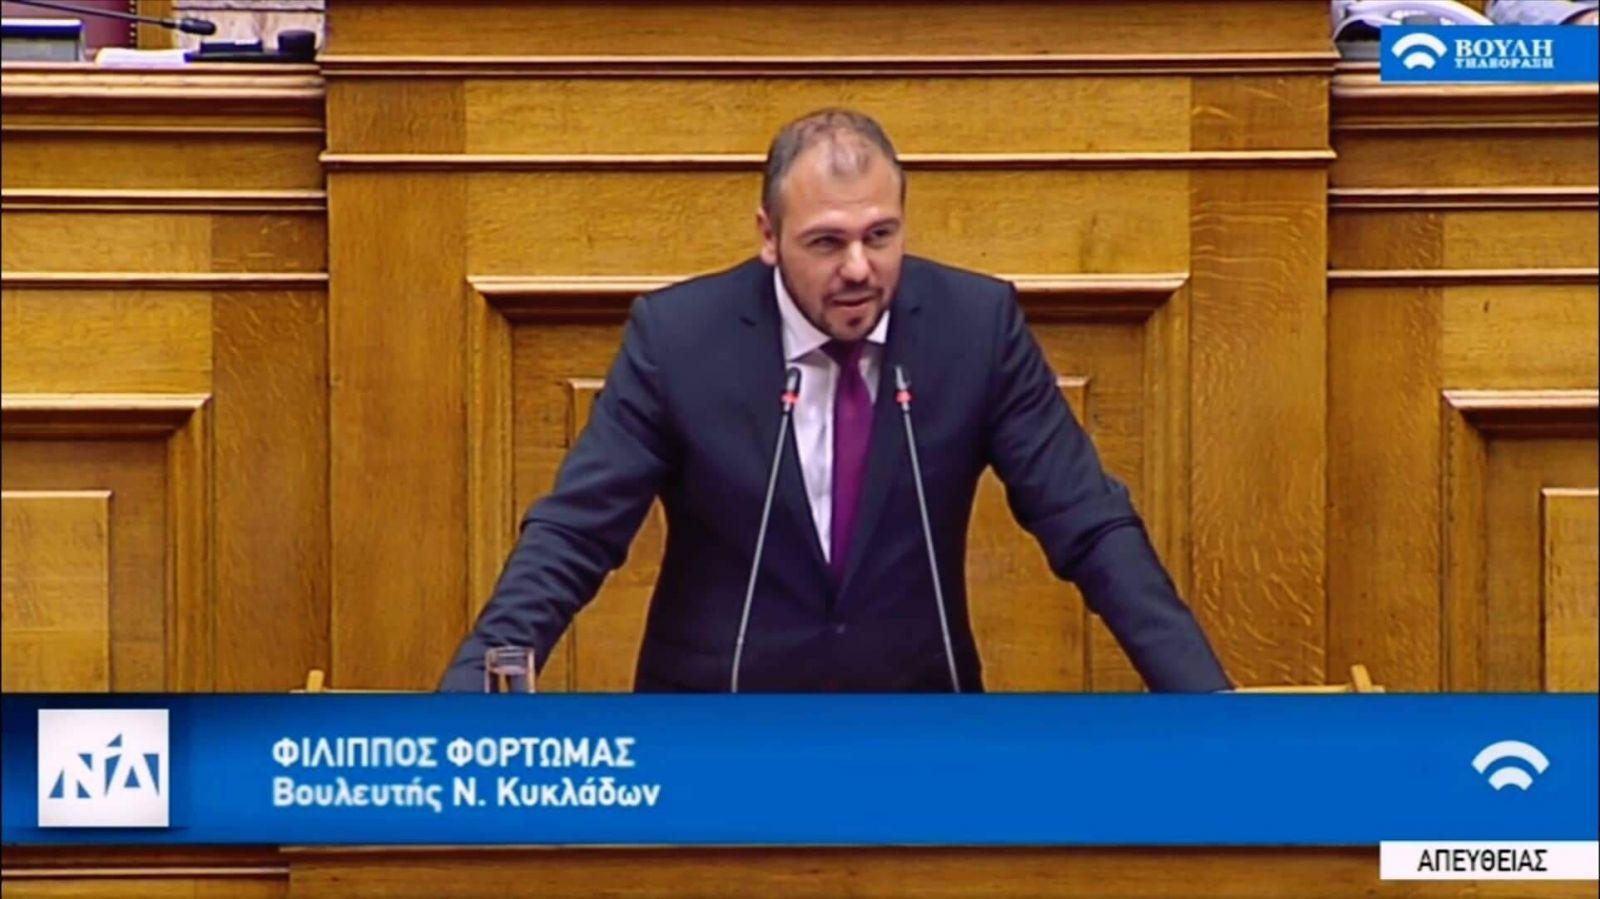 Φίλιππος Φόρτωμας: «Η Κυβέρνηση στέκεται δίπλα σε τουρισμό και νησιώτες με ευεργετικά μέτρα»